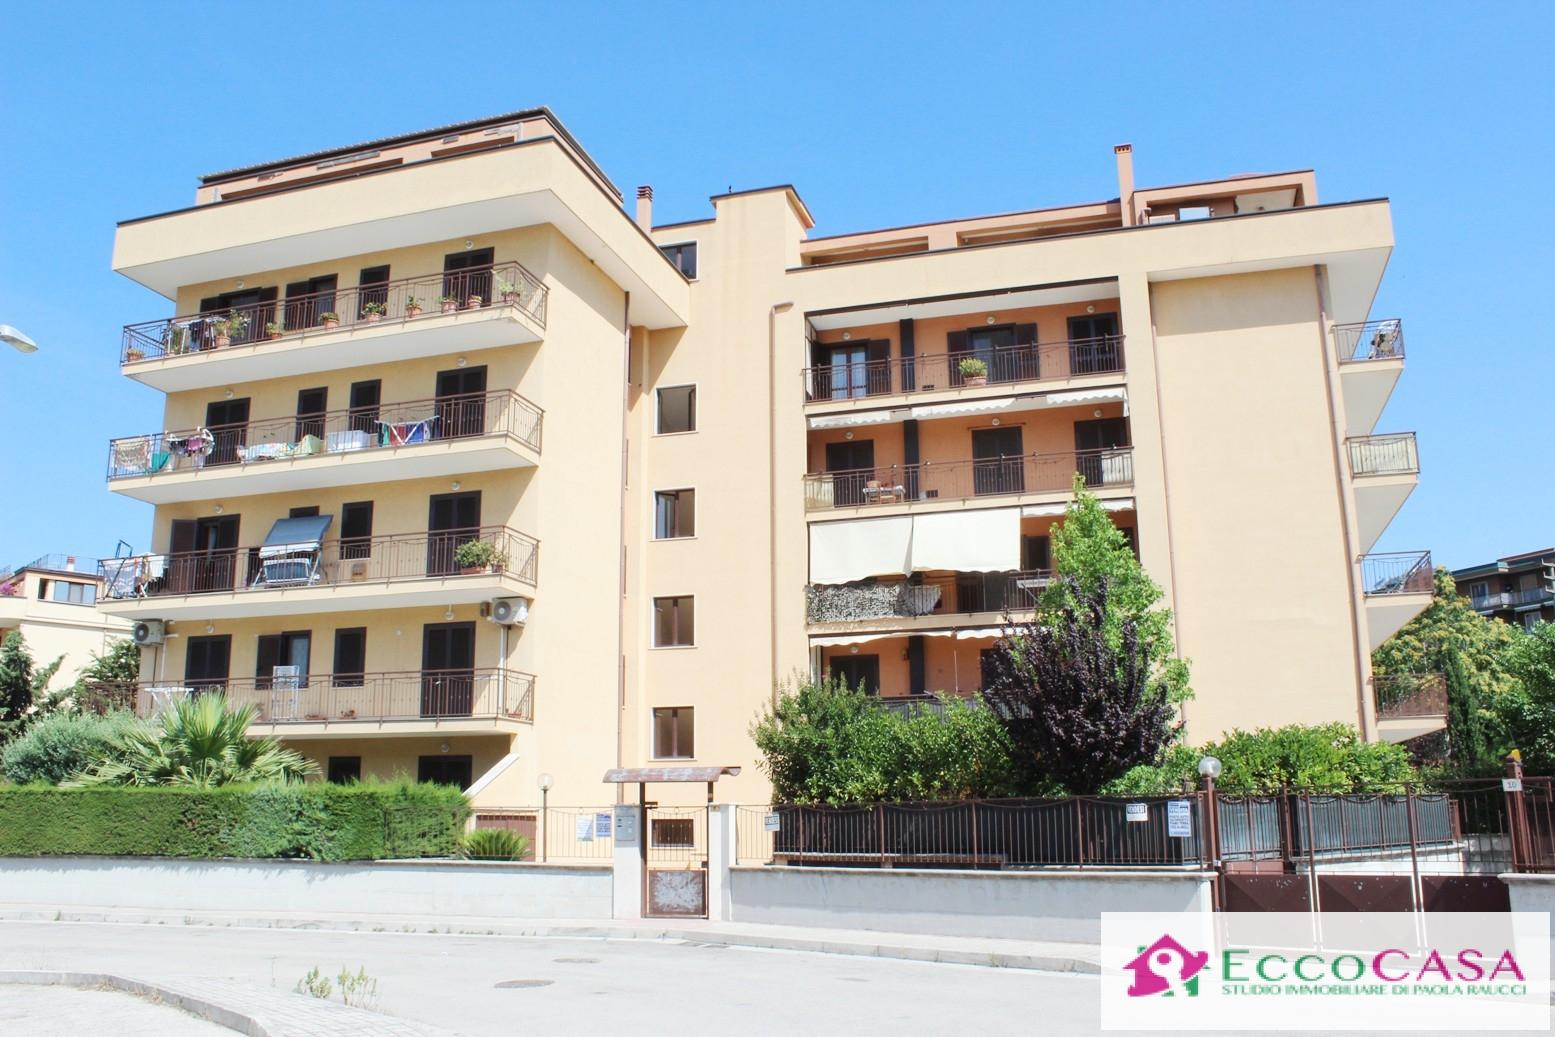 Appartamento in vendita a Maddaloni, 4 locali, prezzo € 163.000 | Cambio Casa.it